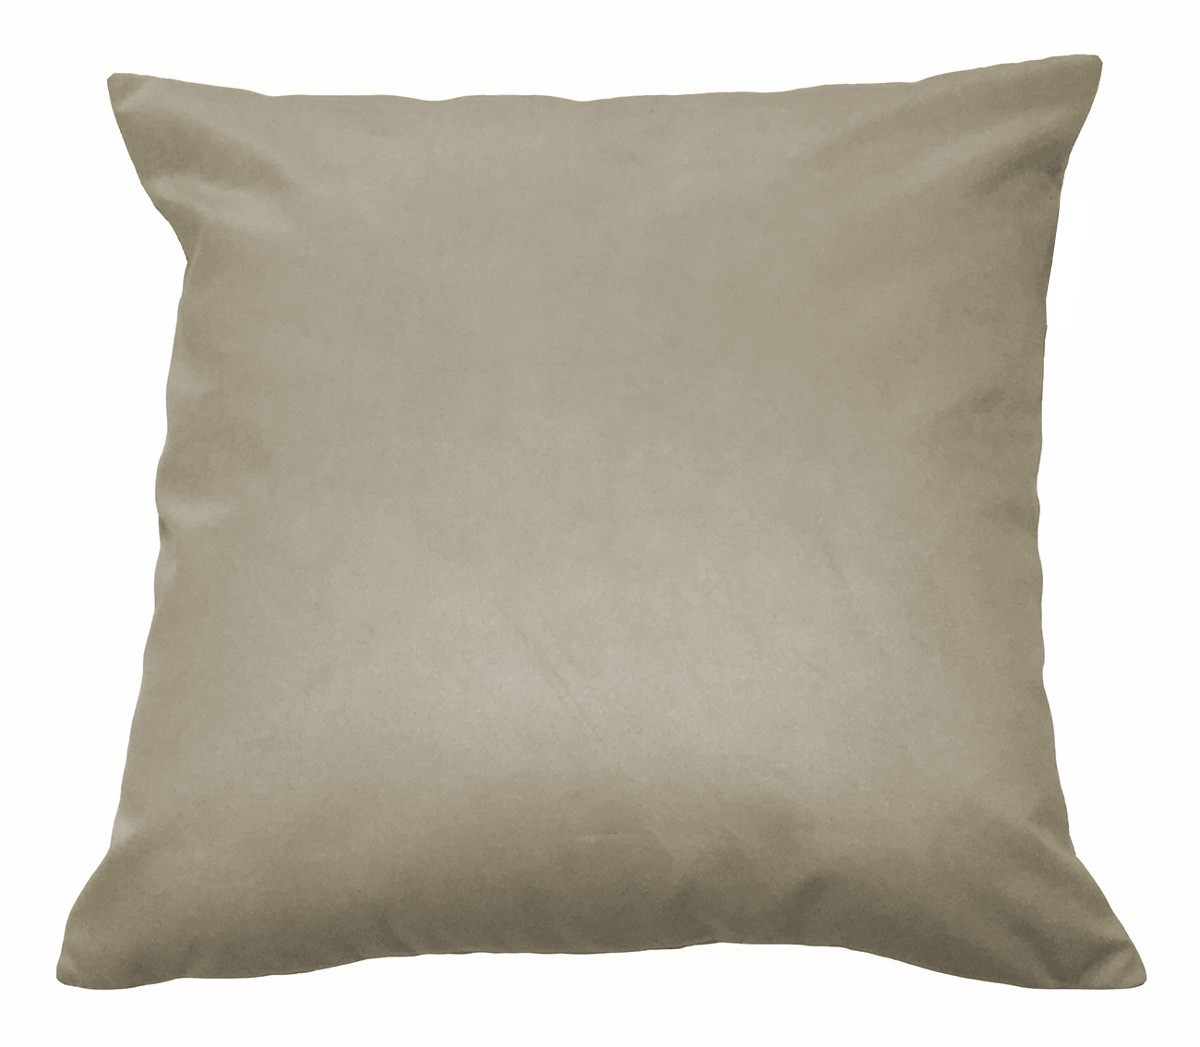 Almofada Decorativa 40x40 Tecido Suede Nude